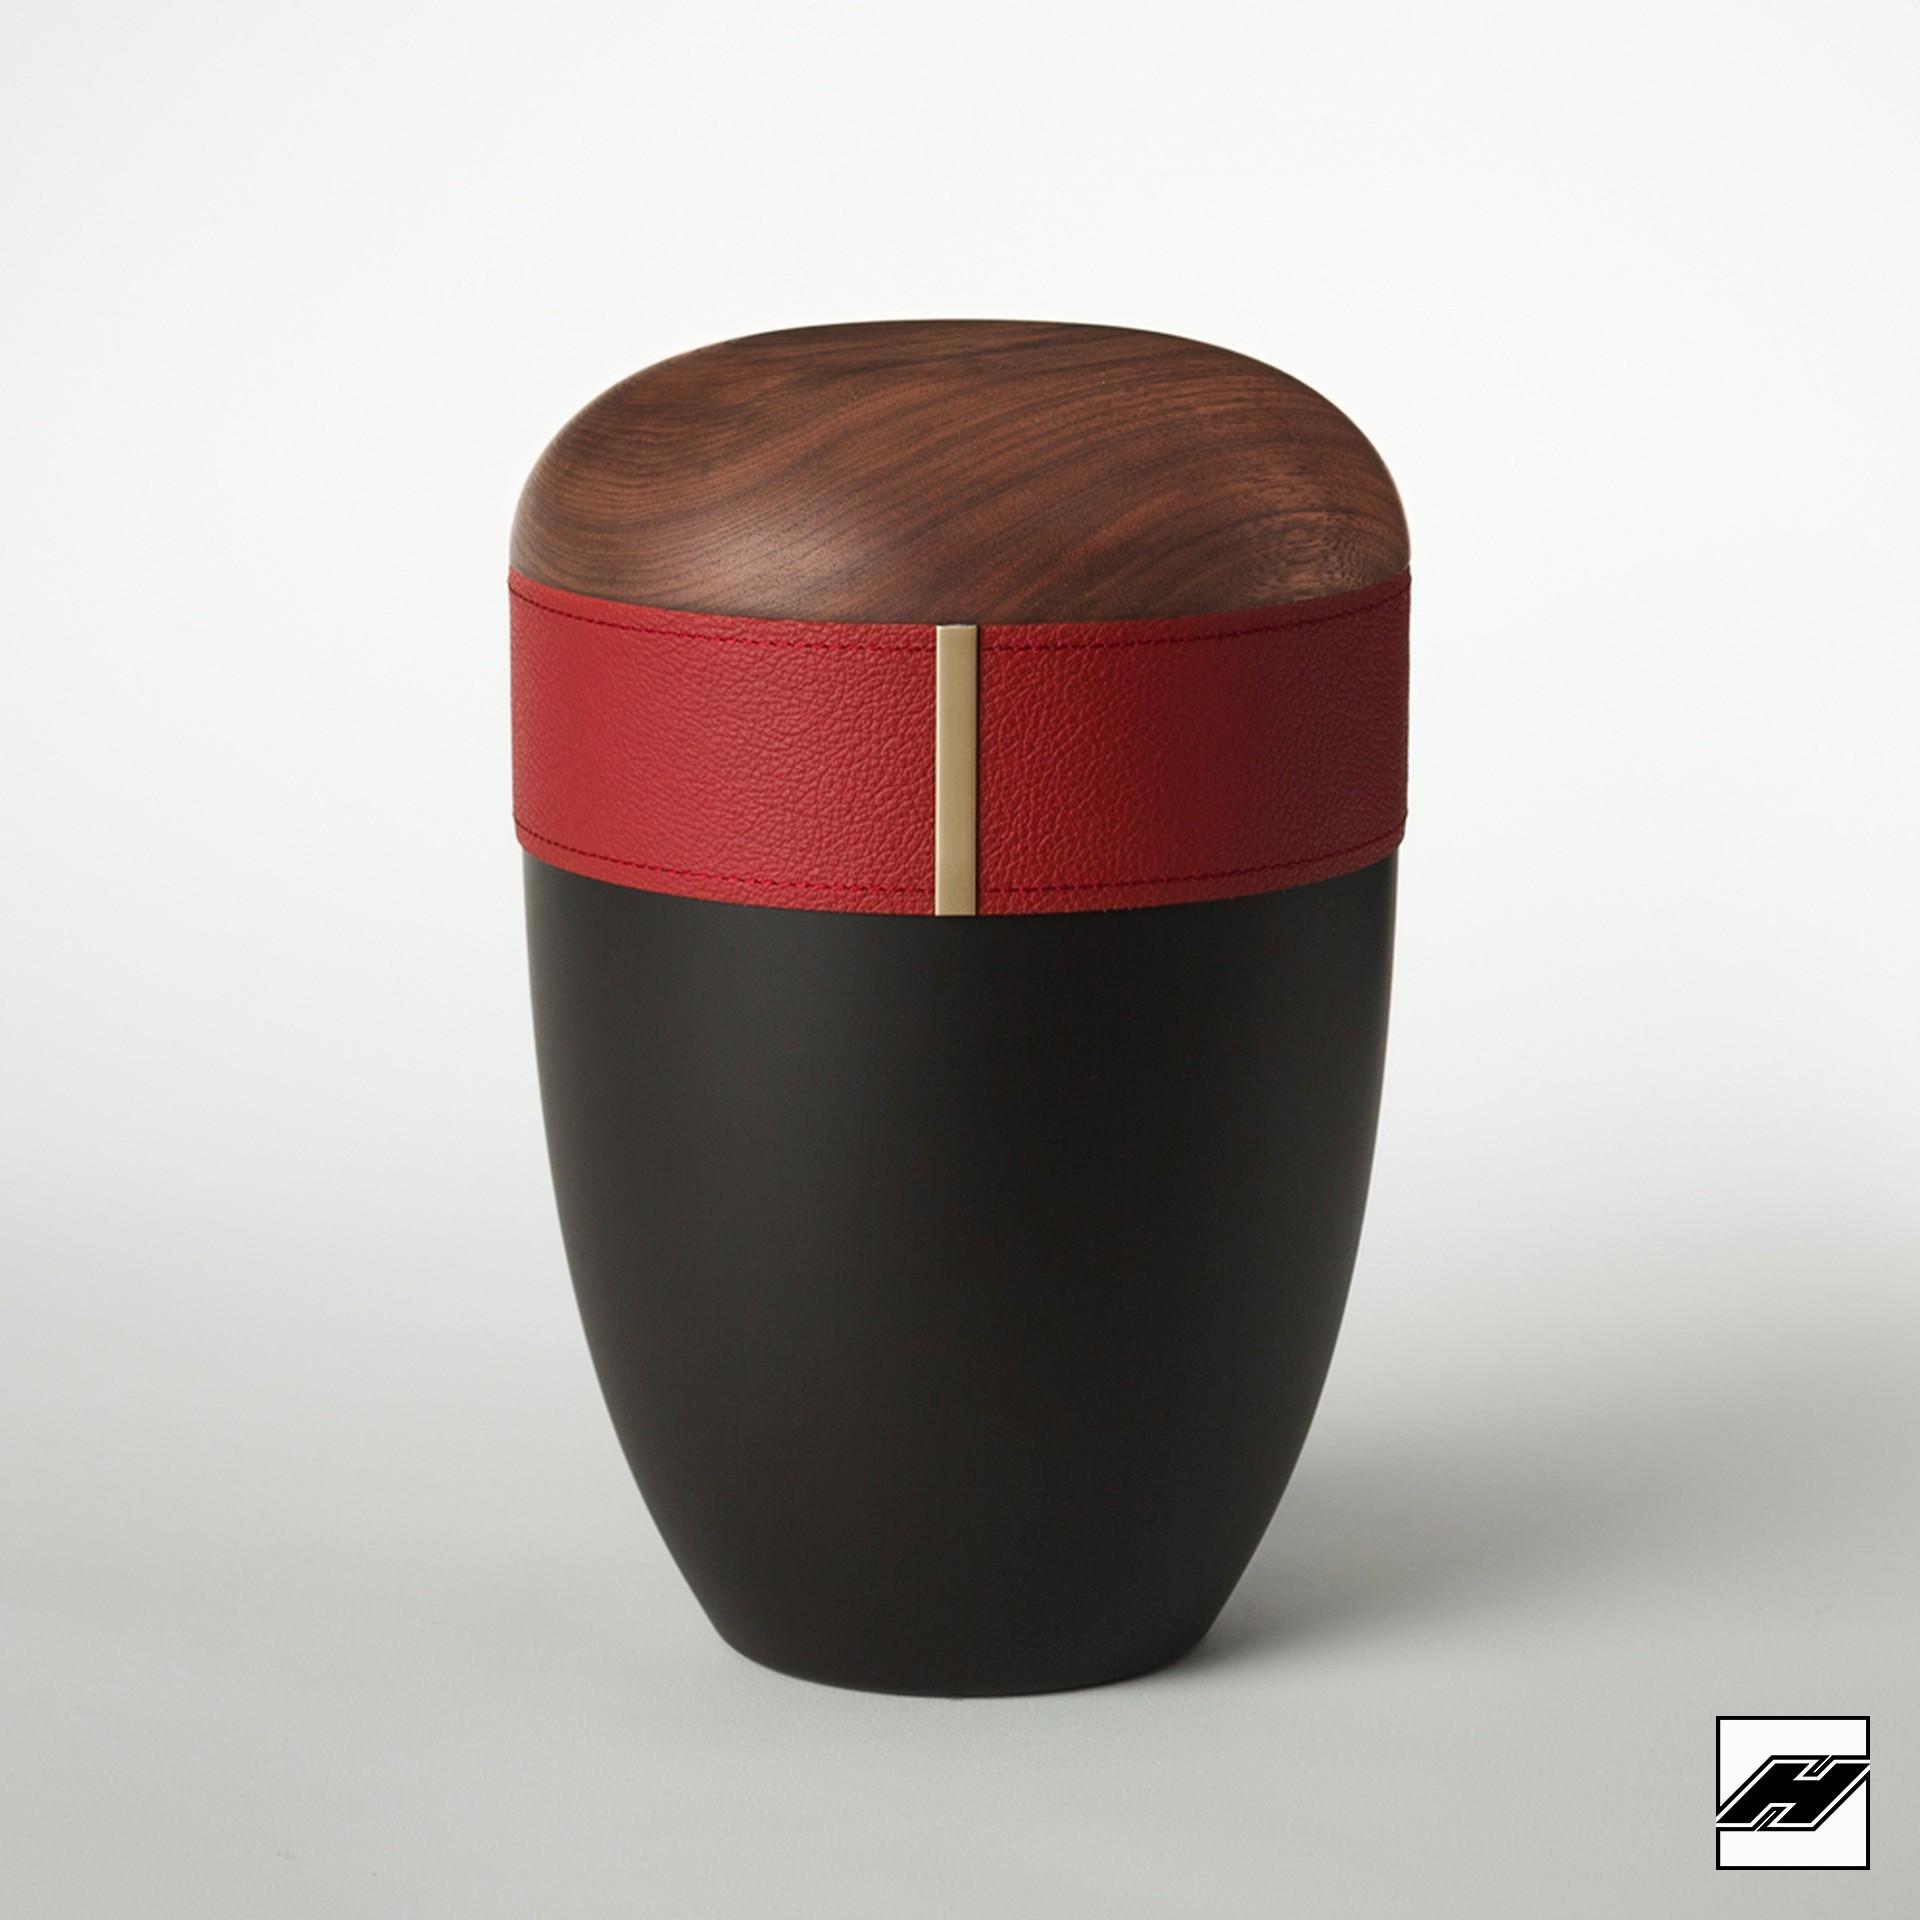 Urne Holz/Leder Bordeaux anthrazit, mit Glattleder